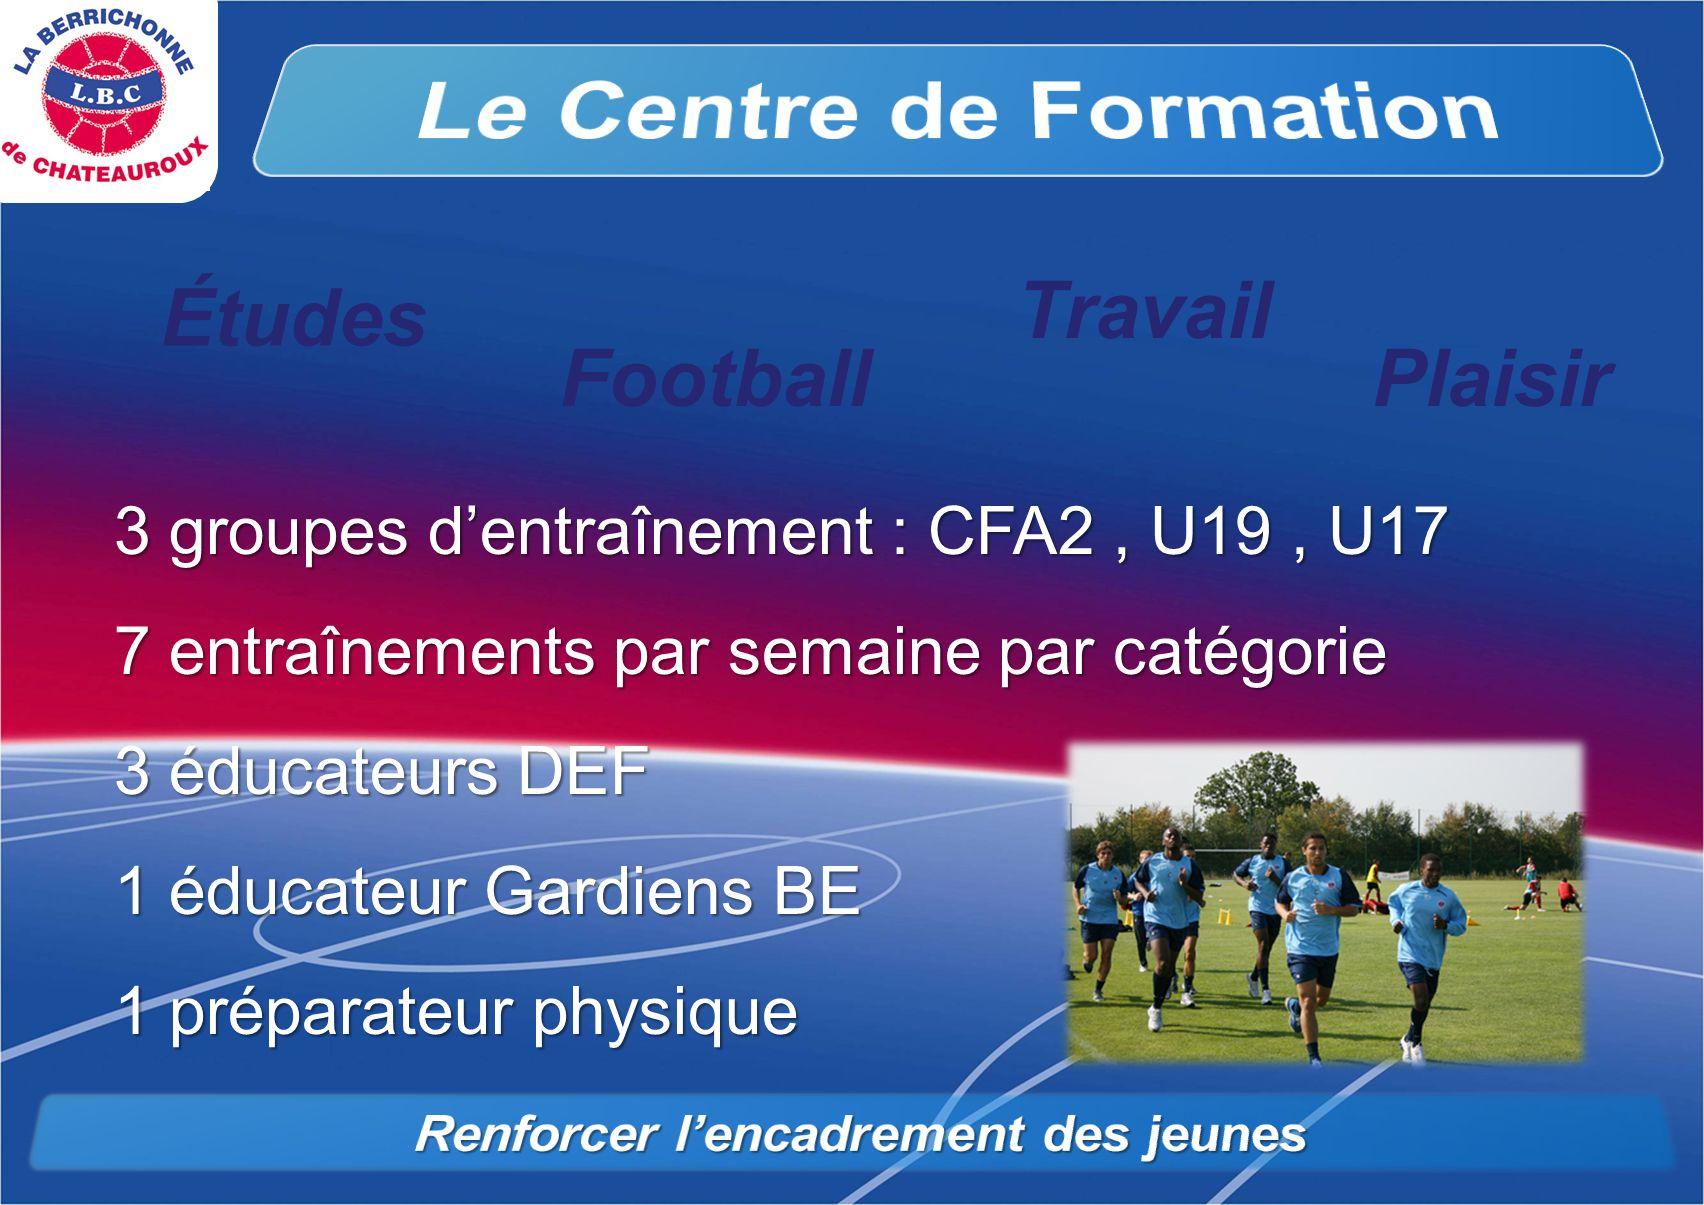 Football Travail Plaisir 3 groupes dentraînement : CFA2, U19, U17 7 entraînements par semaine par catégorie 3 éducateurs DEF 1 éducateur Gardiens BE 1 préparateur physique